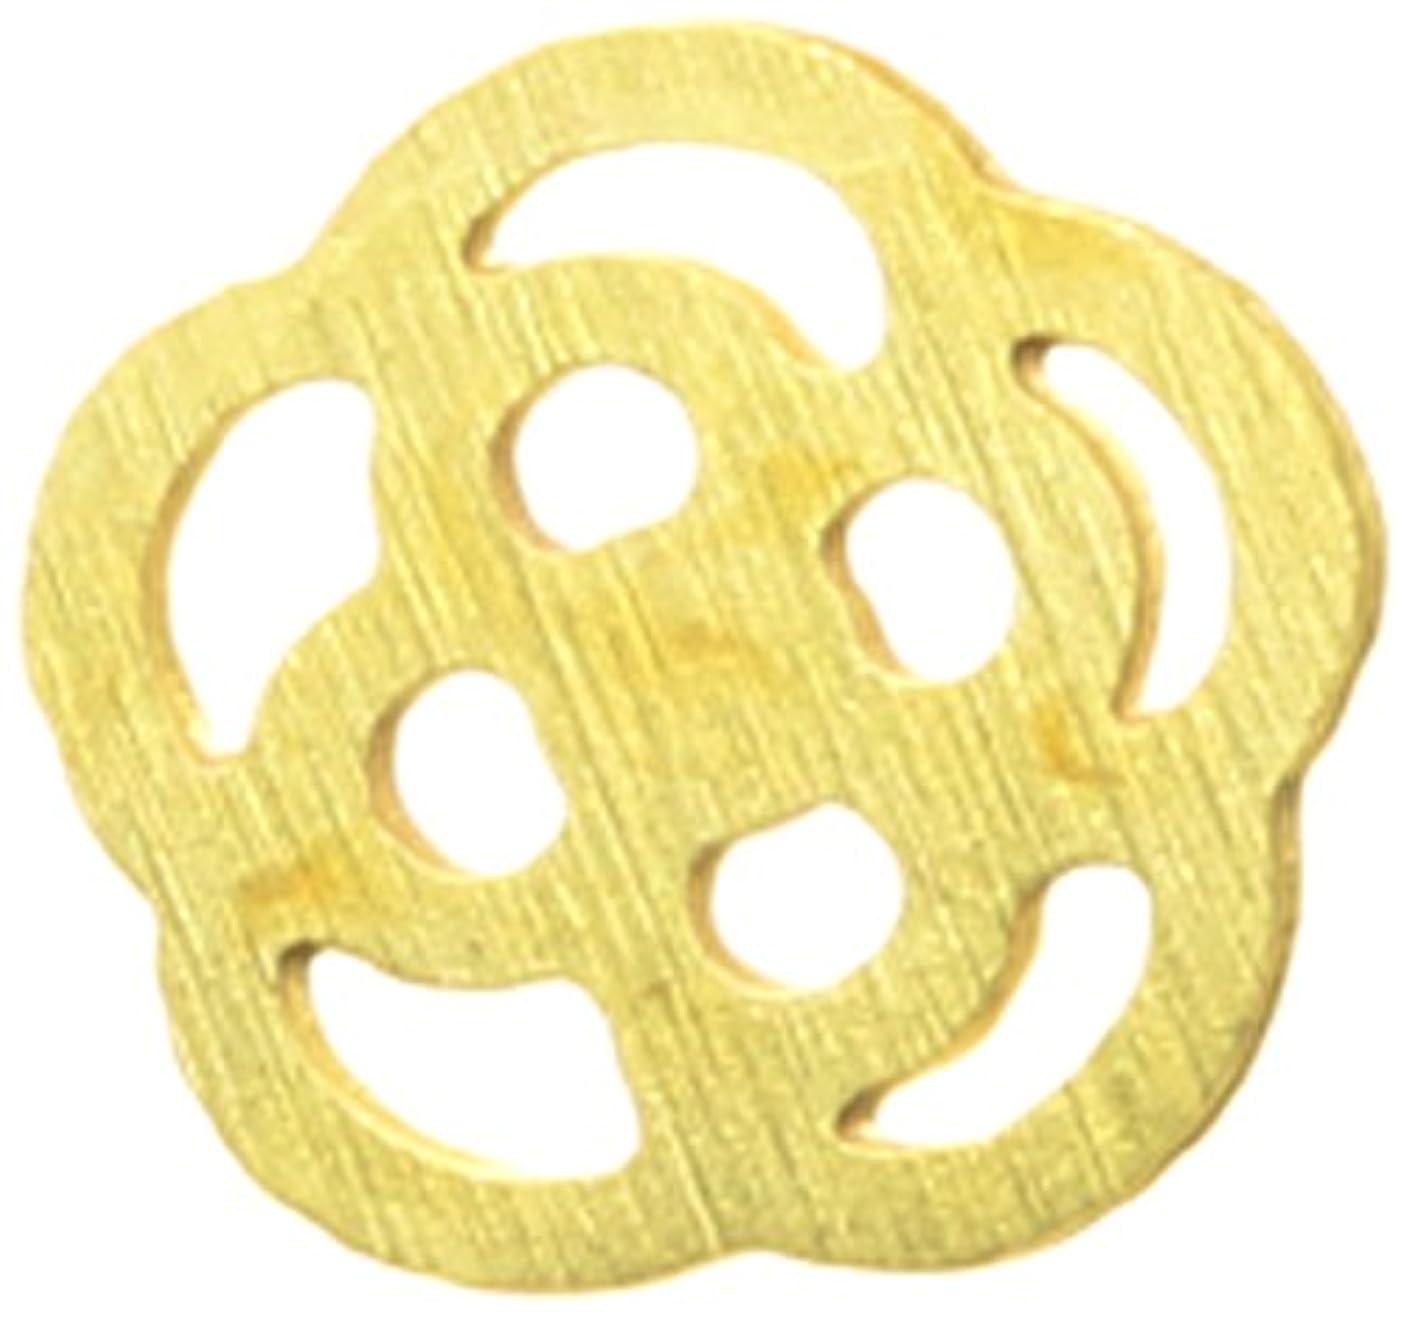 超高層ビル反論者五十メタルプレート(ネイルストーン デコ) カメリア(30個入り) ゴールド(ネイル用品)